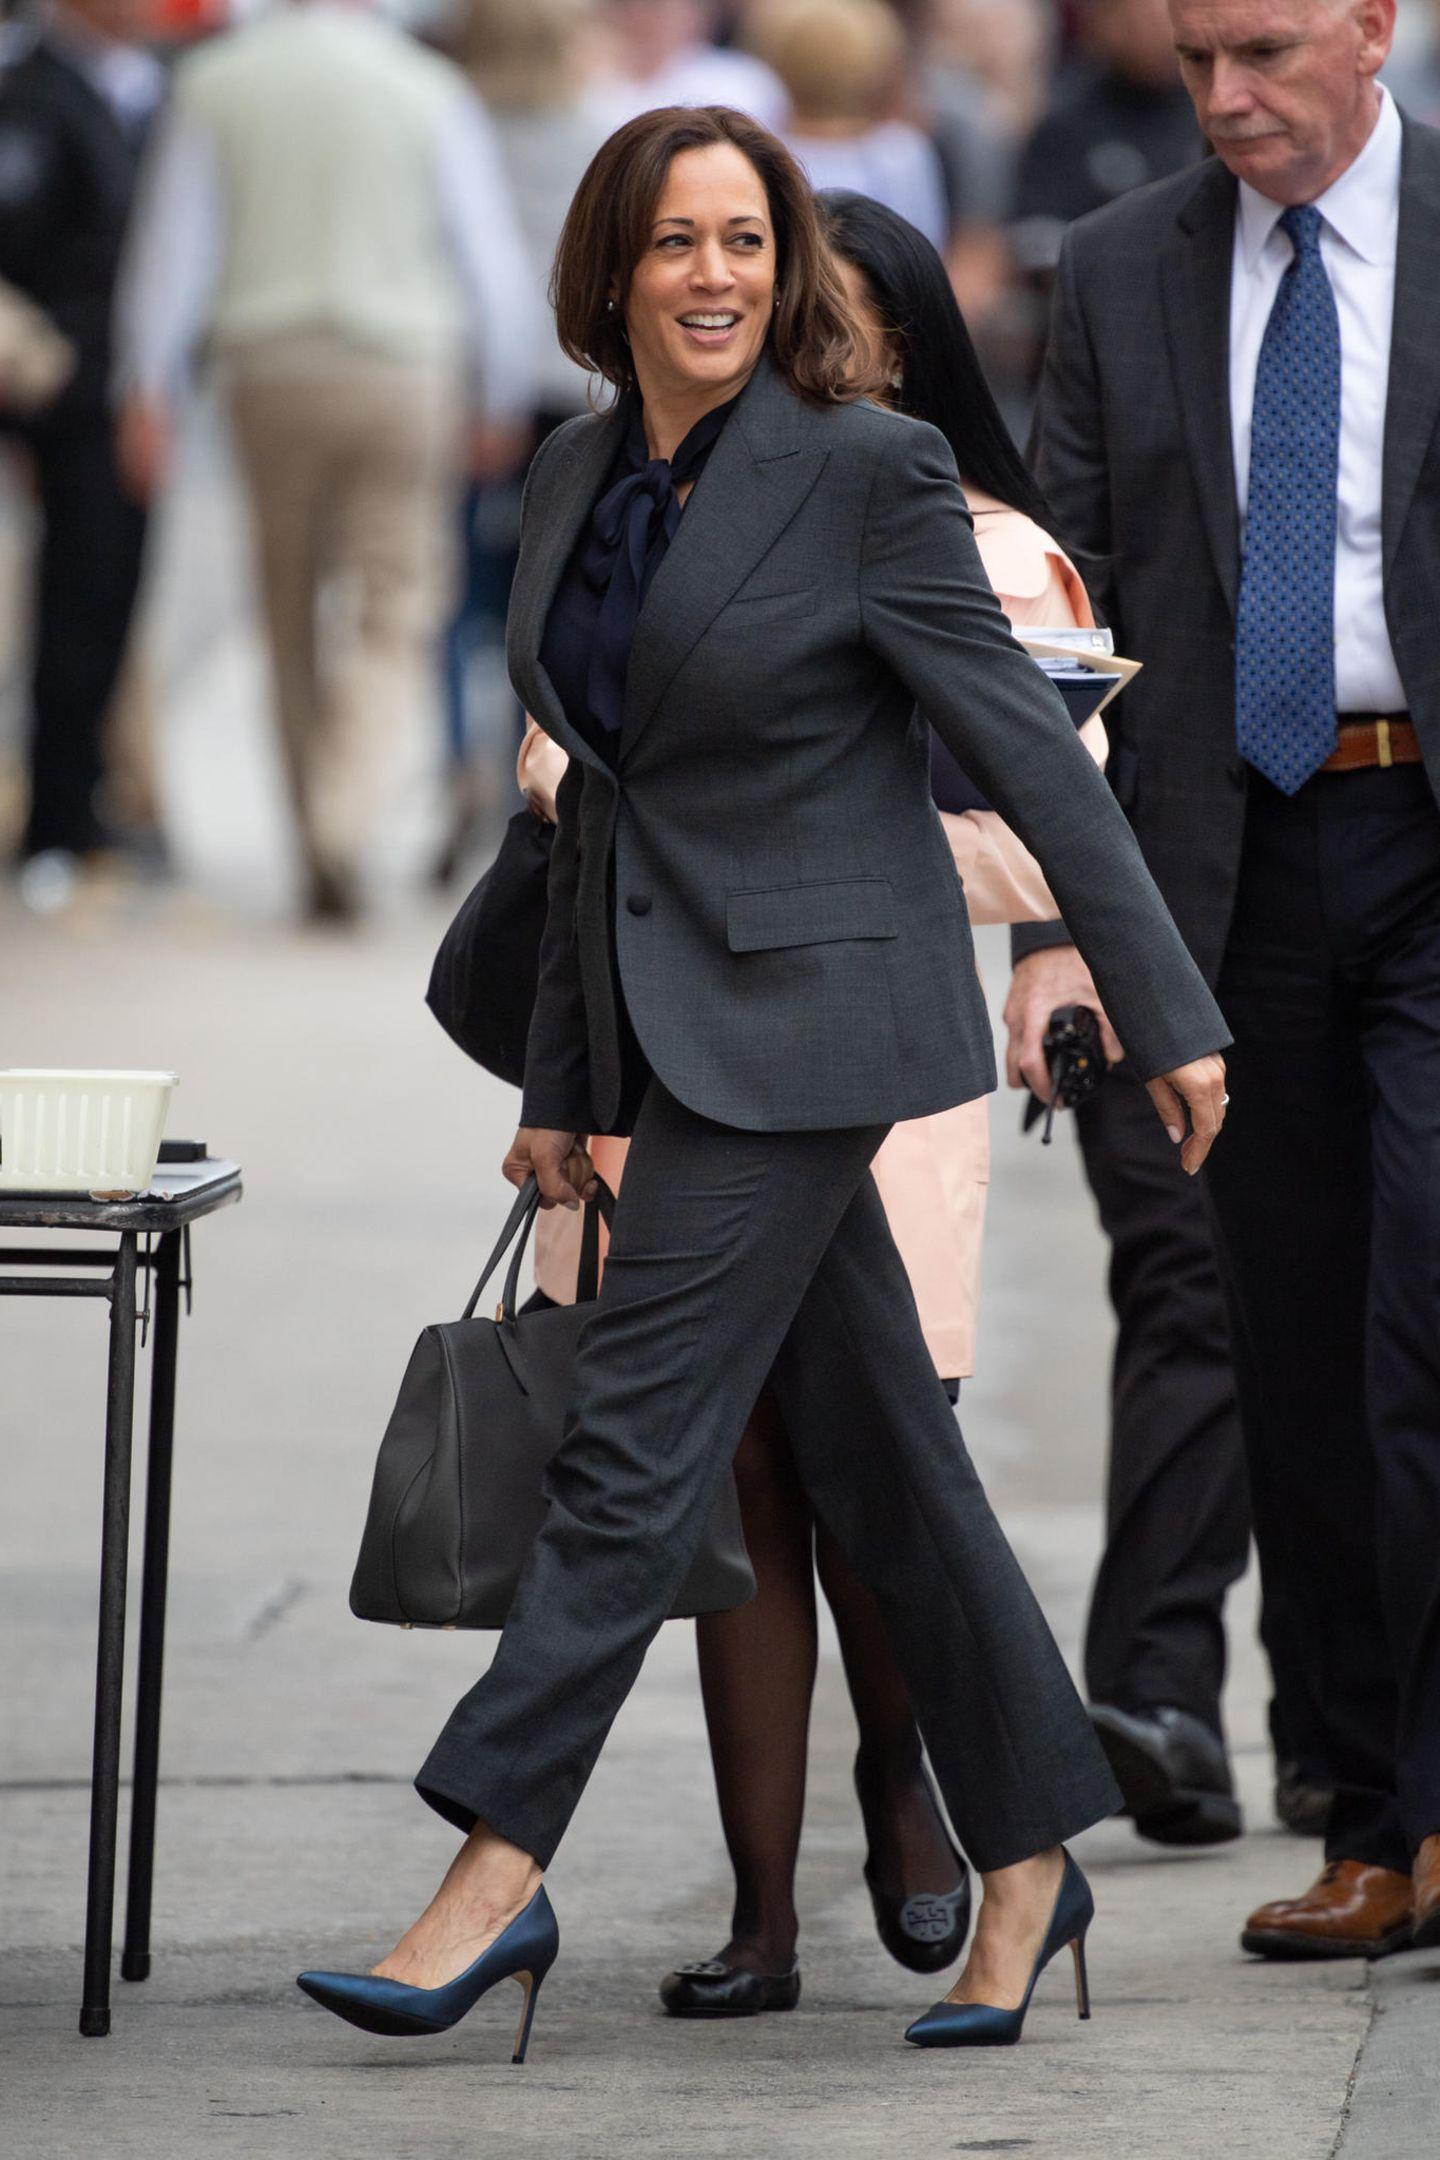 Entschlossenen Schrittes macht sich die 56-Jährige auf den Weg zur Fernseh-Show des US-Moderators Jimmy Kimmel, in der sie als Gast live auftreten wird. Ihr Power-Look besteht aus einem dunkelgrauen Anzug, den sie zu dunkelblauen High-Heels und einer ebenfalls dunklen Schluppenbluse kombiniert.